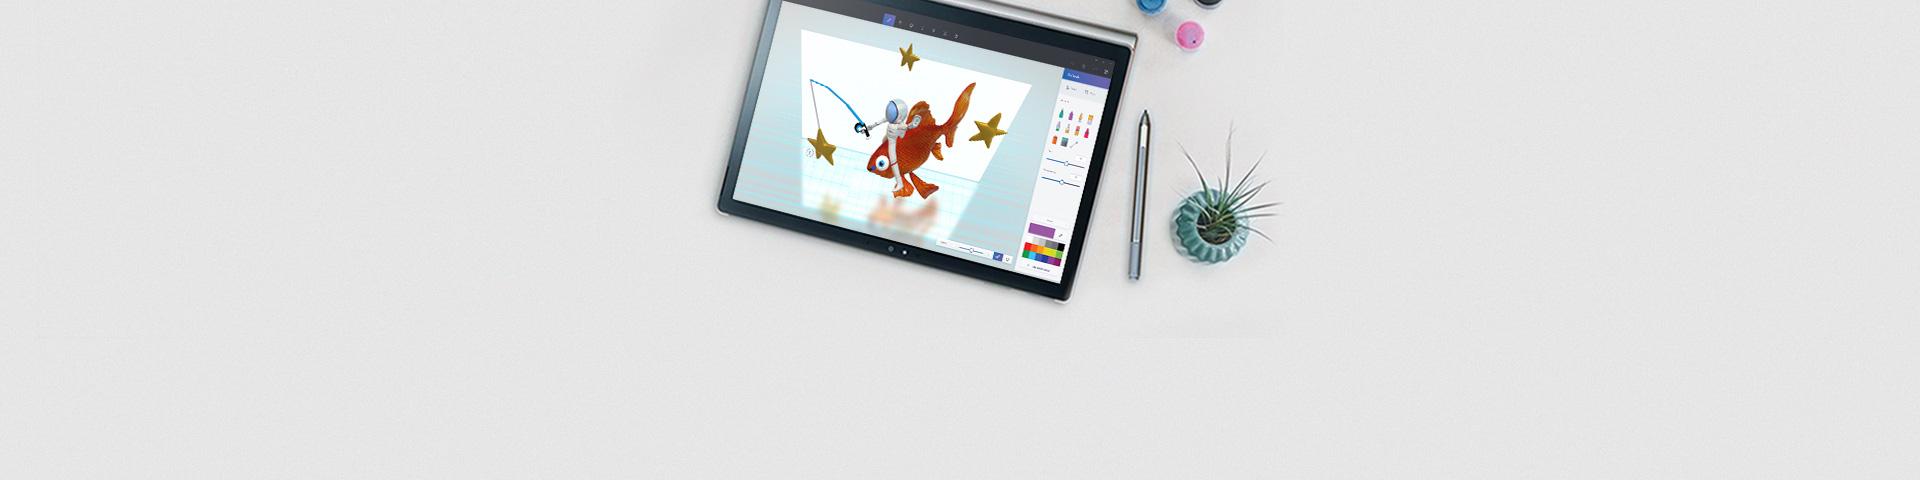 デスク上の PC デバイスとペン